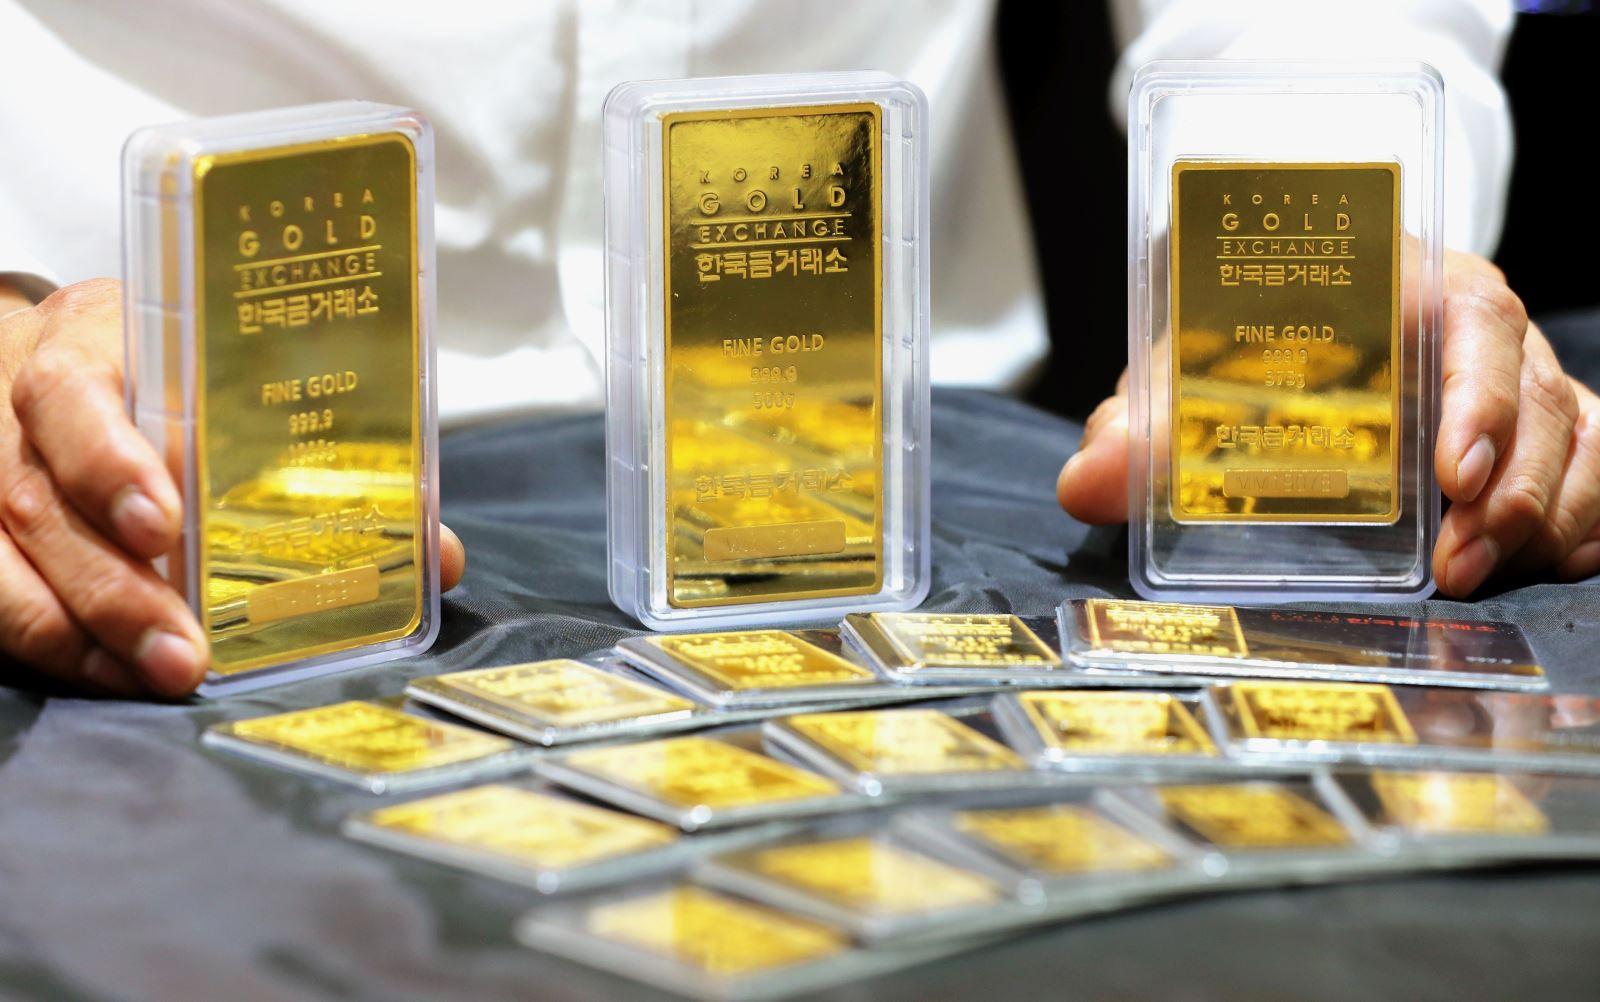 Giá vàng 29/9 lao dốc xuống đáy, đồng USD tăng dựng đứng